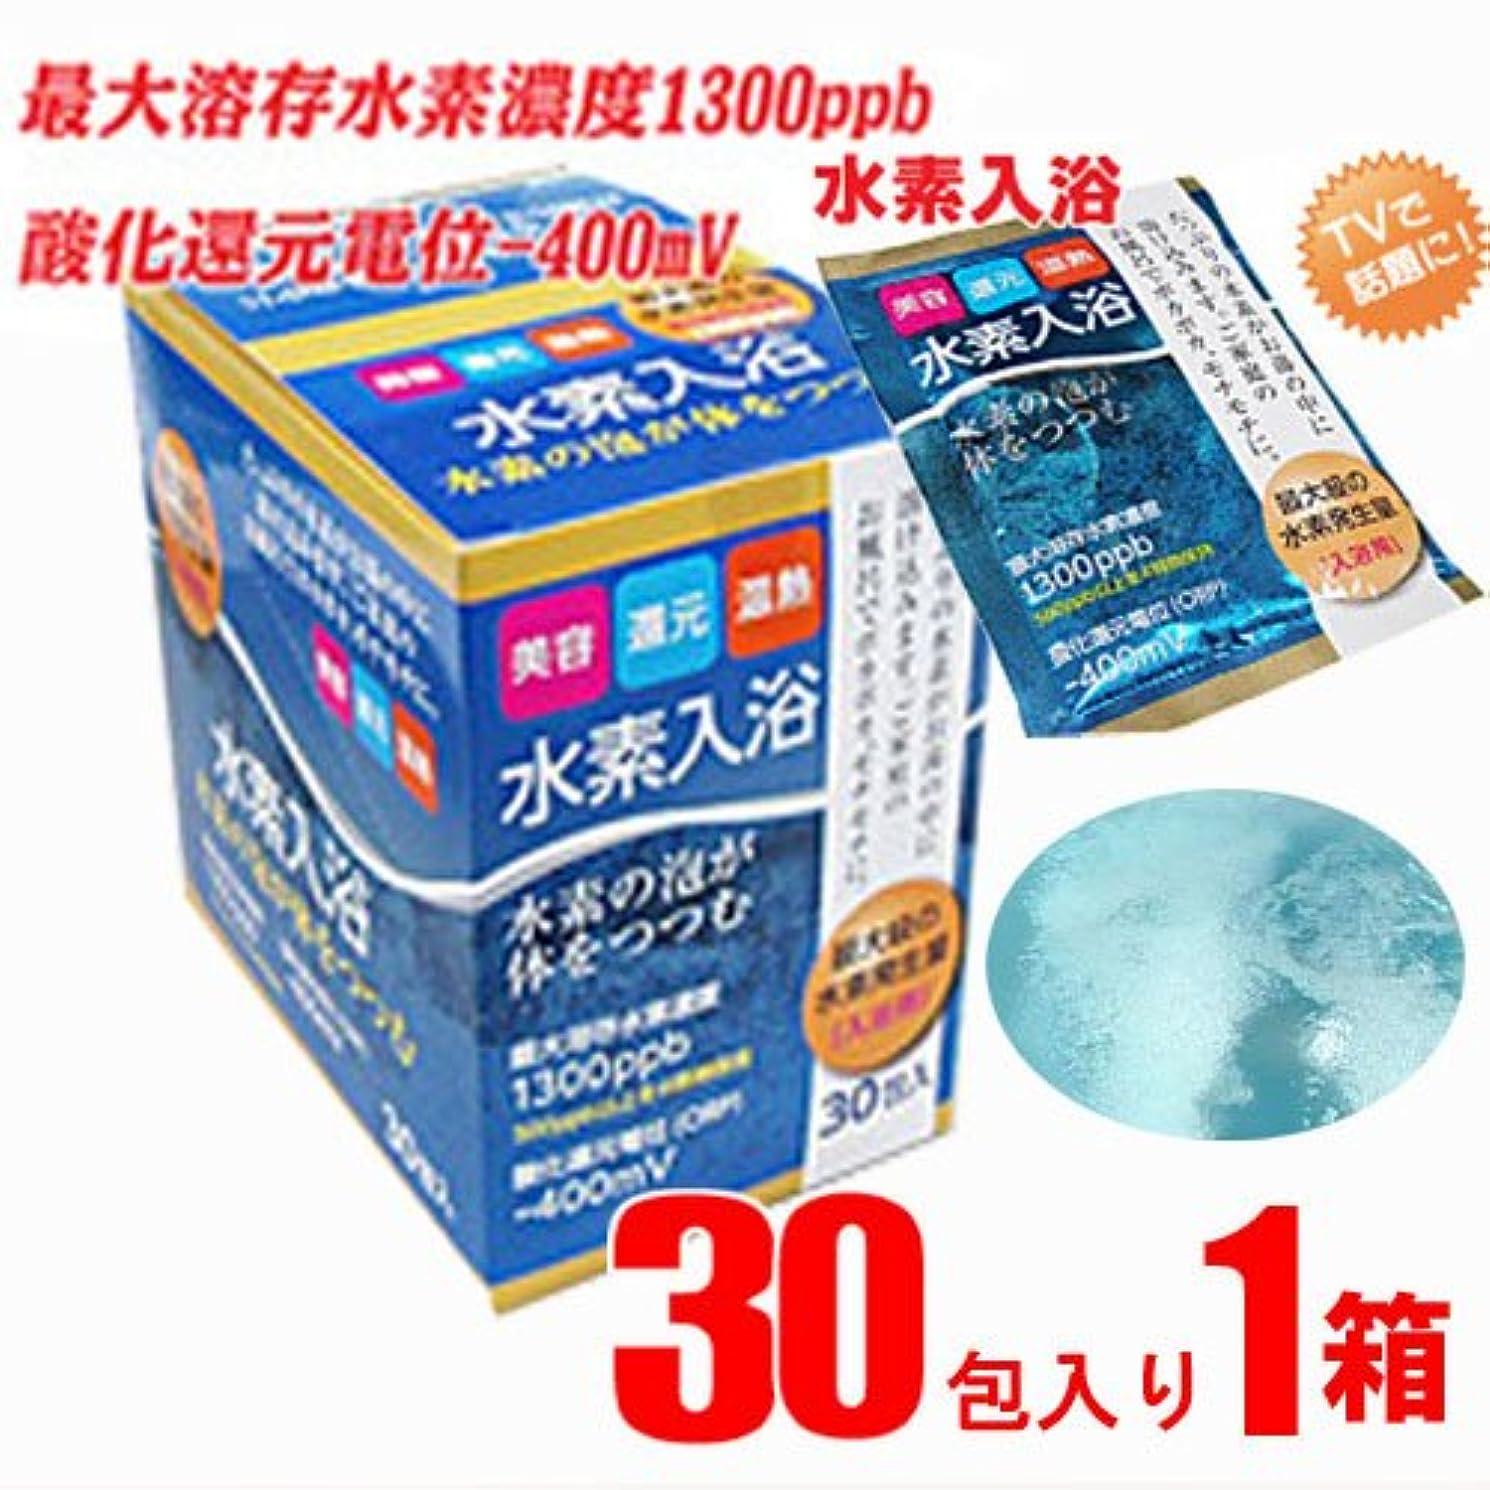 クローゼット開梱刈る【30包】水素入浴 35gx30包 (4573360821029)